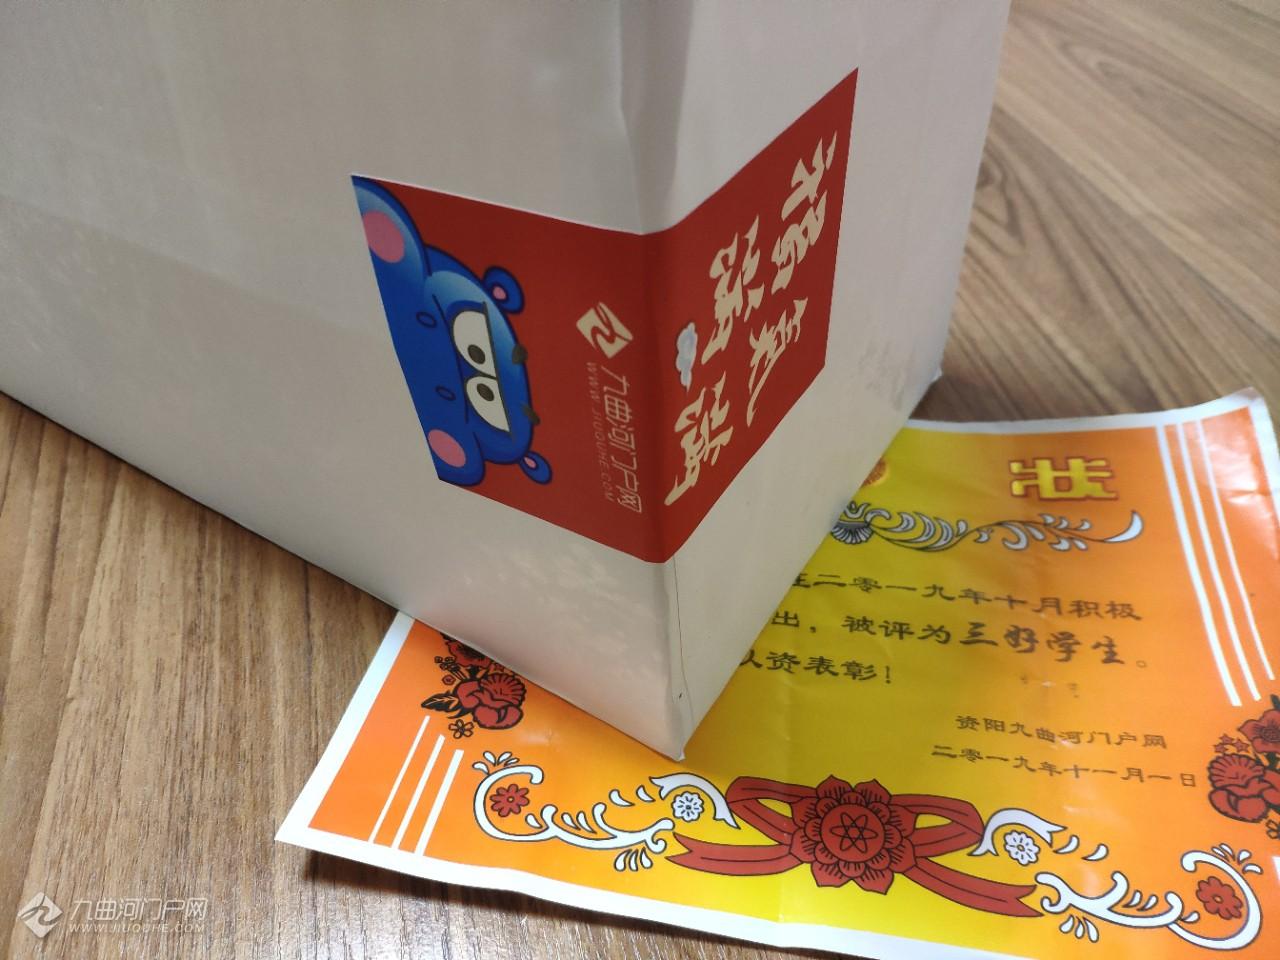 去河马家领十月三好学生奖品,这一次的礼品真让人惊喜!